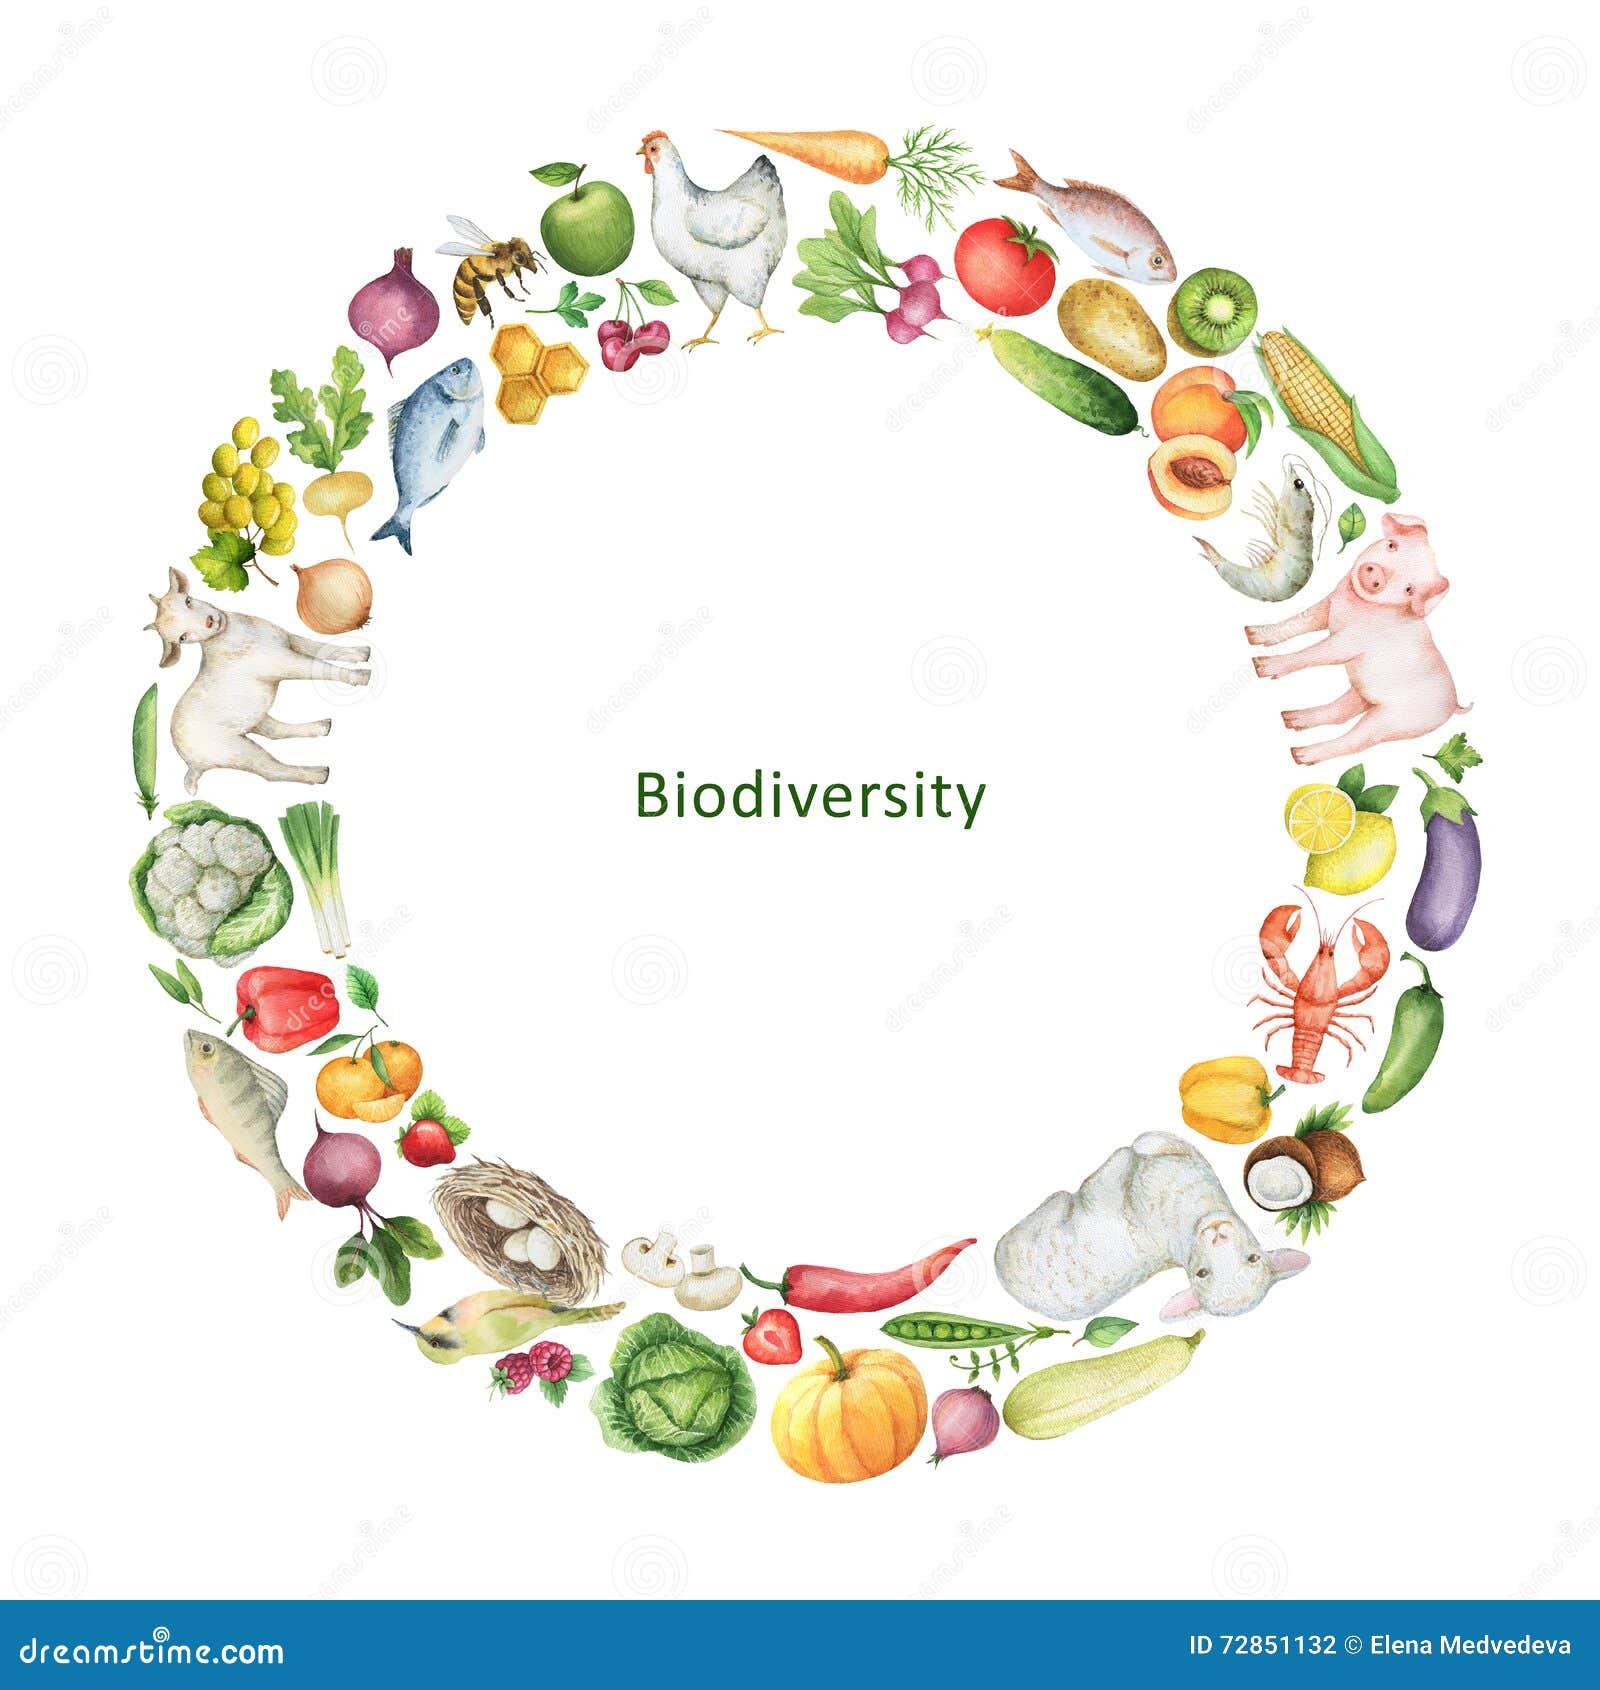 Εννοιολογική απεικόνιση βιοποικιλότητας Watercolor των υγιών τροφίμων